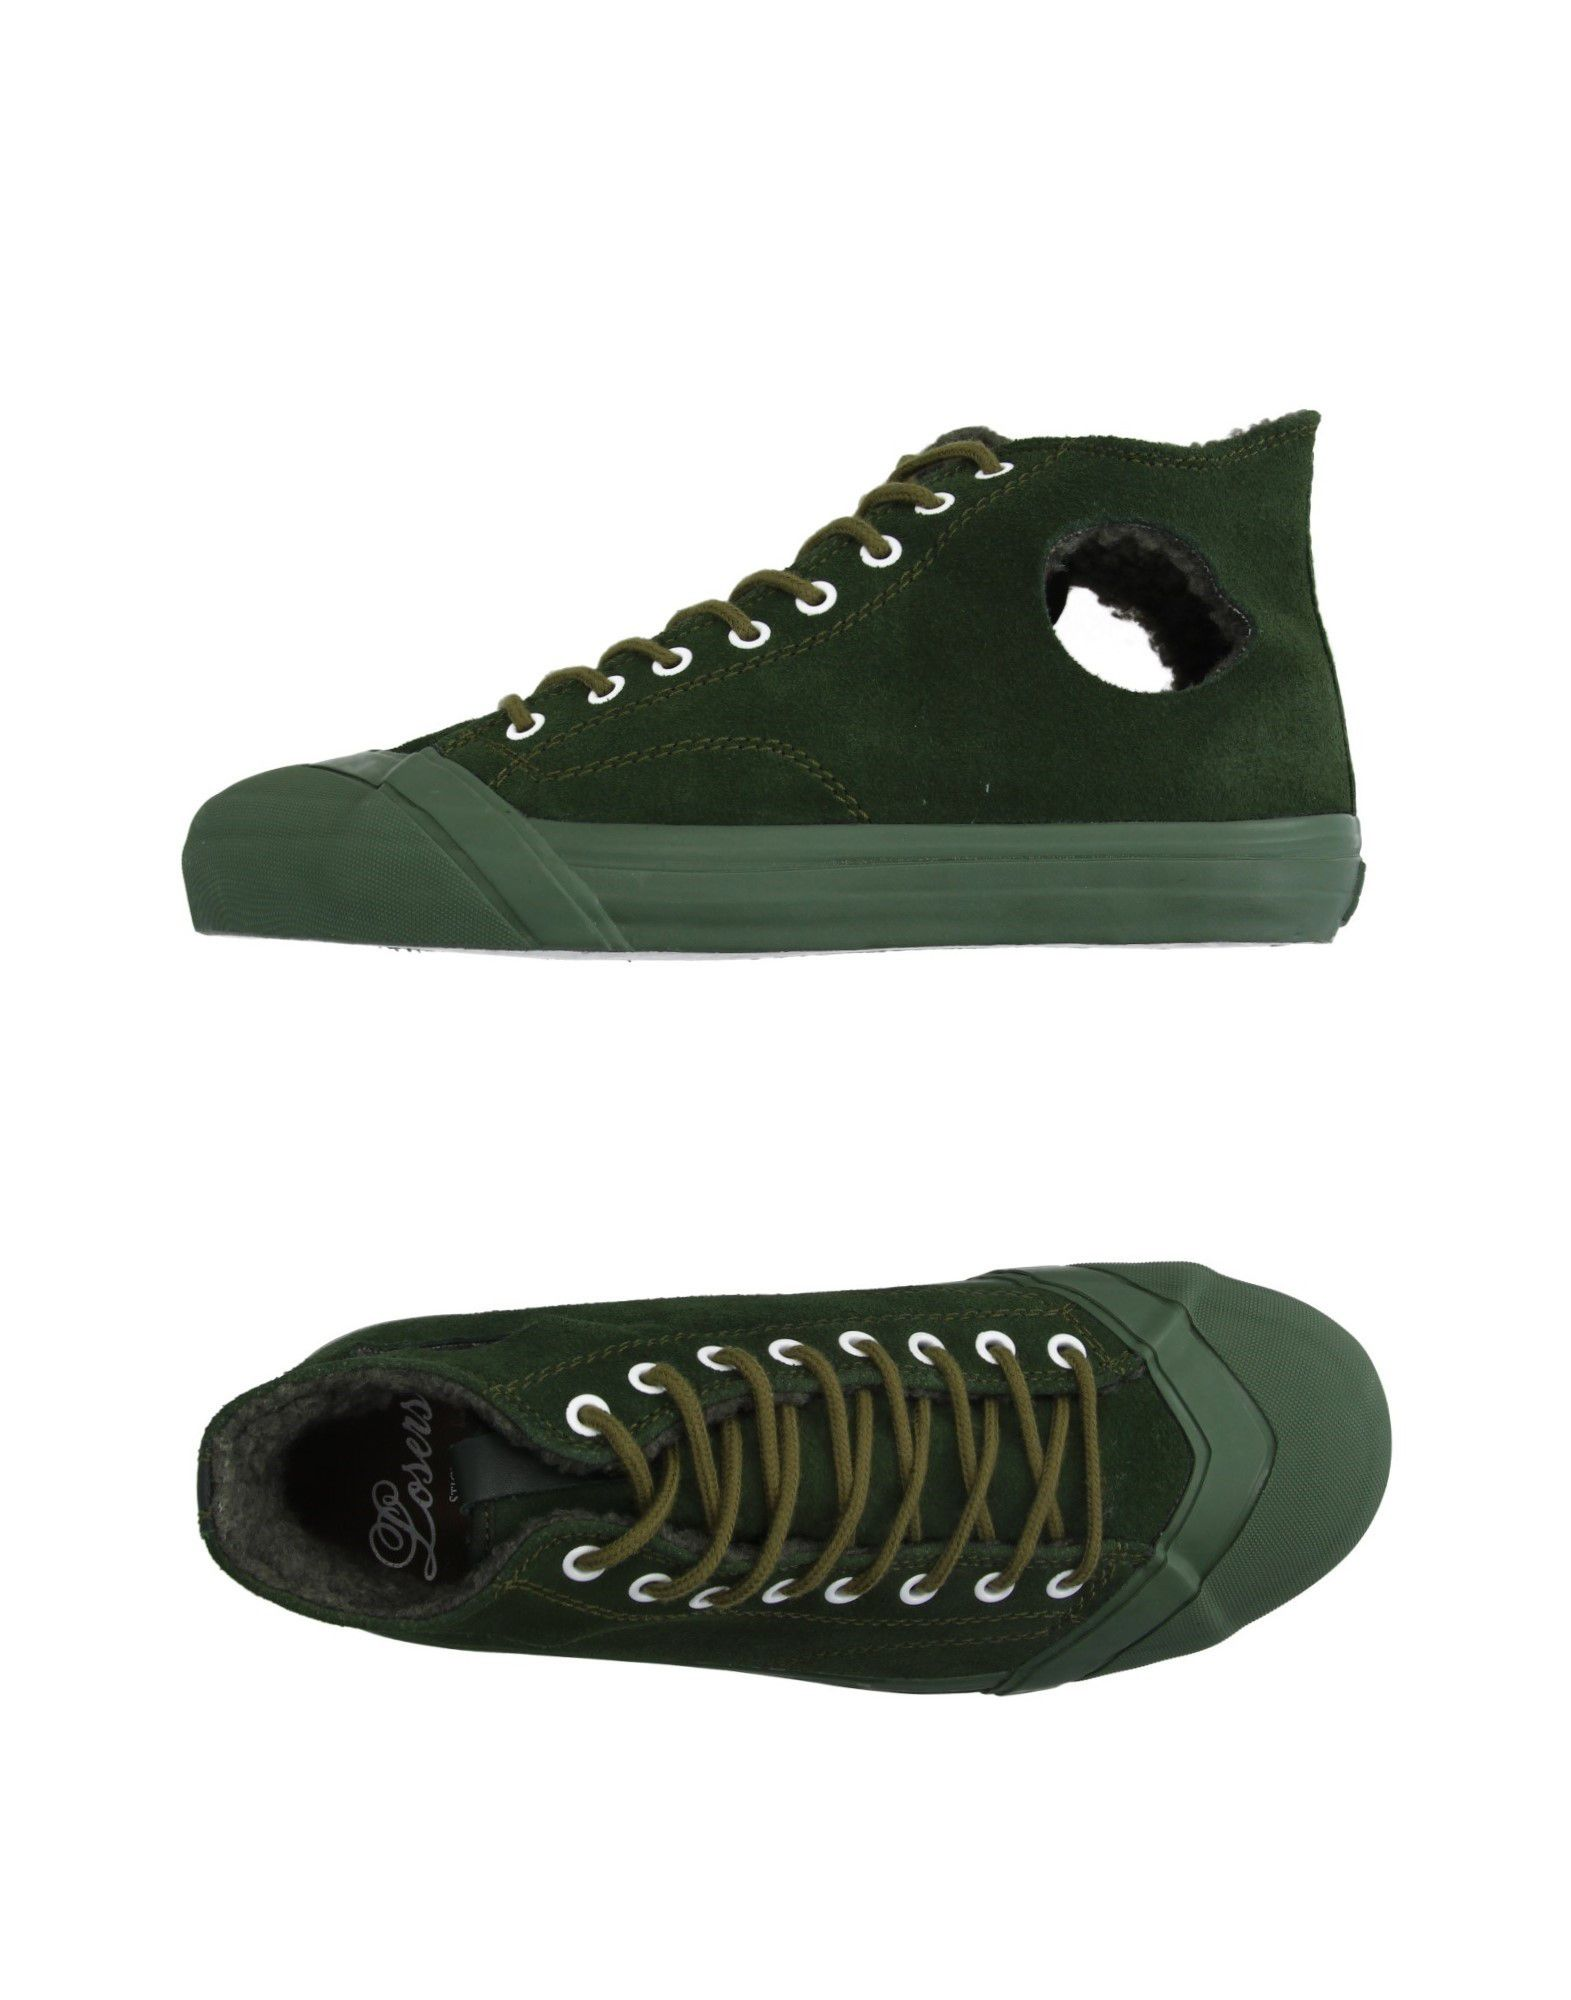 Sneakers Losers Homme - Sneakers Losers  Vert émeraude Nouvelles chaussures pour hommes et femmes, remise limitée dans le temps